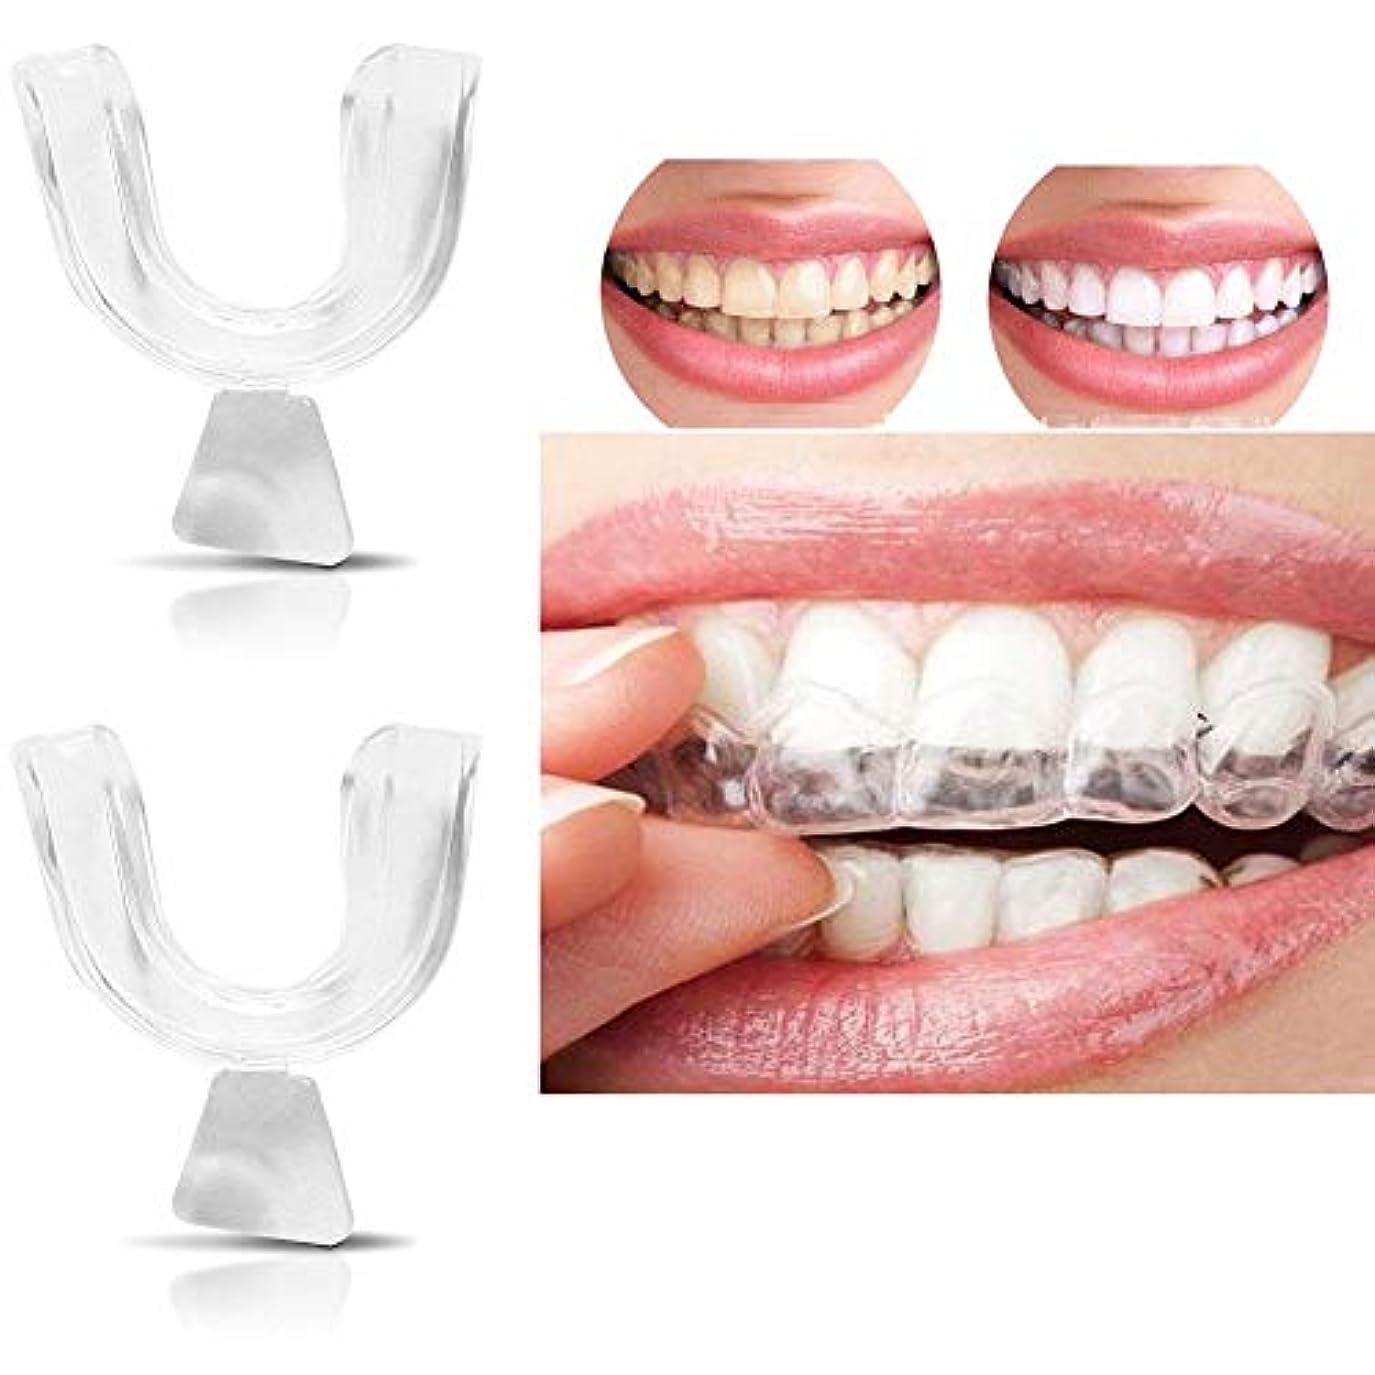 名目上の加速度助手2ピース歯ホワイトニングトレイ成形可能な透明シリコーン熱成形歯科用マウスガードホワイトナーマウスケア